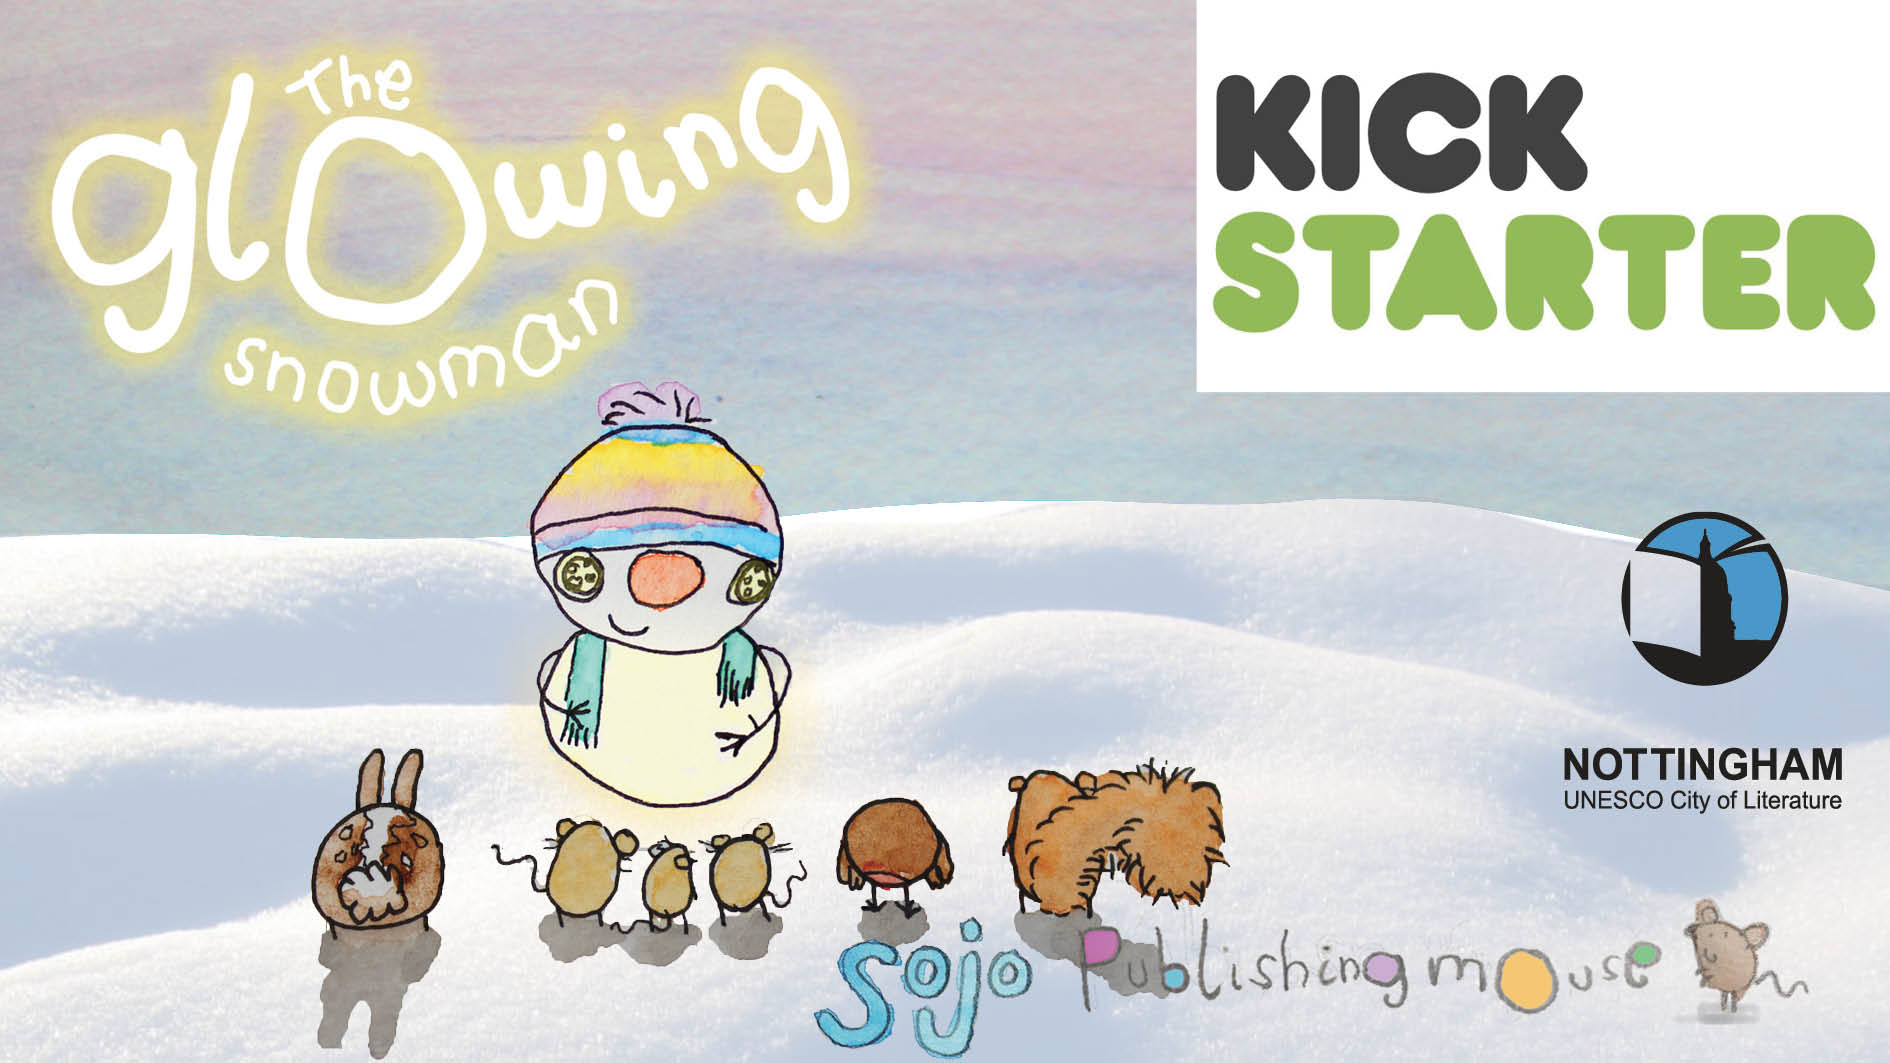 Kickstarter campaign pic